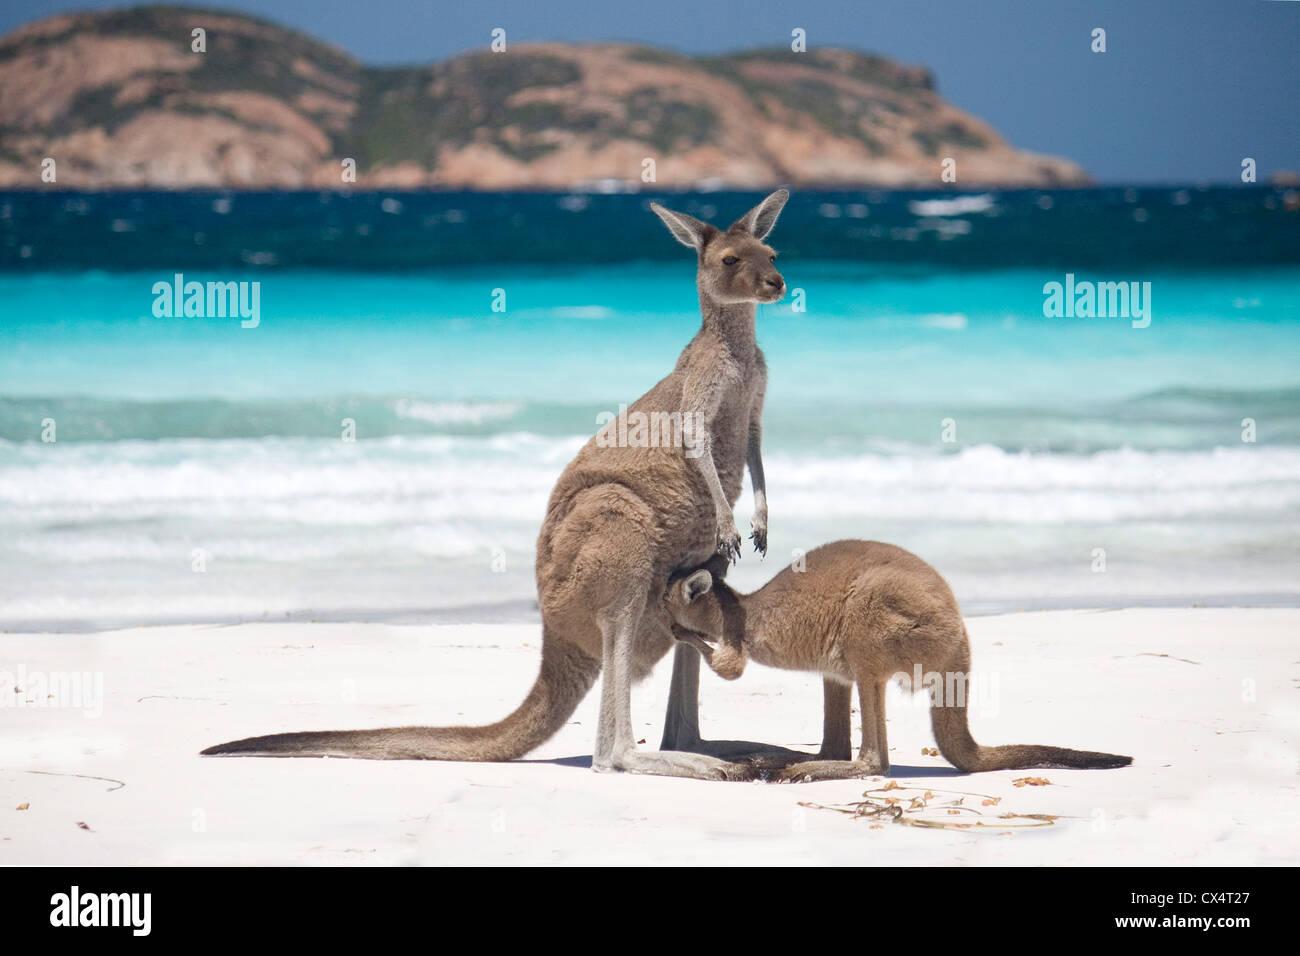 Kangaroo Joey On Beach